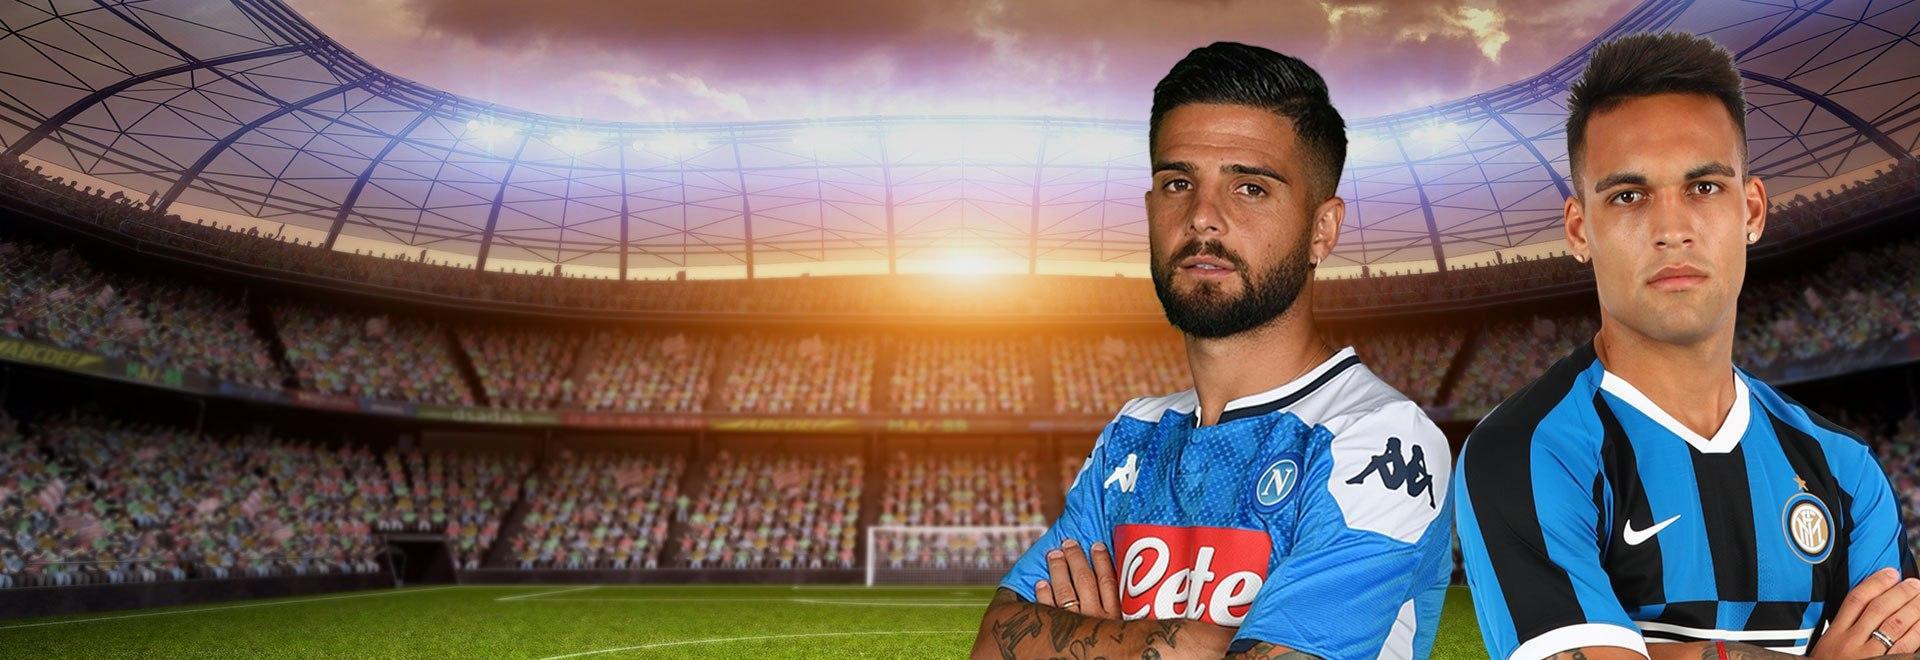 Napoli - Inter. 18a g.